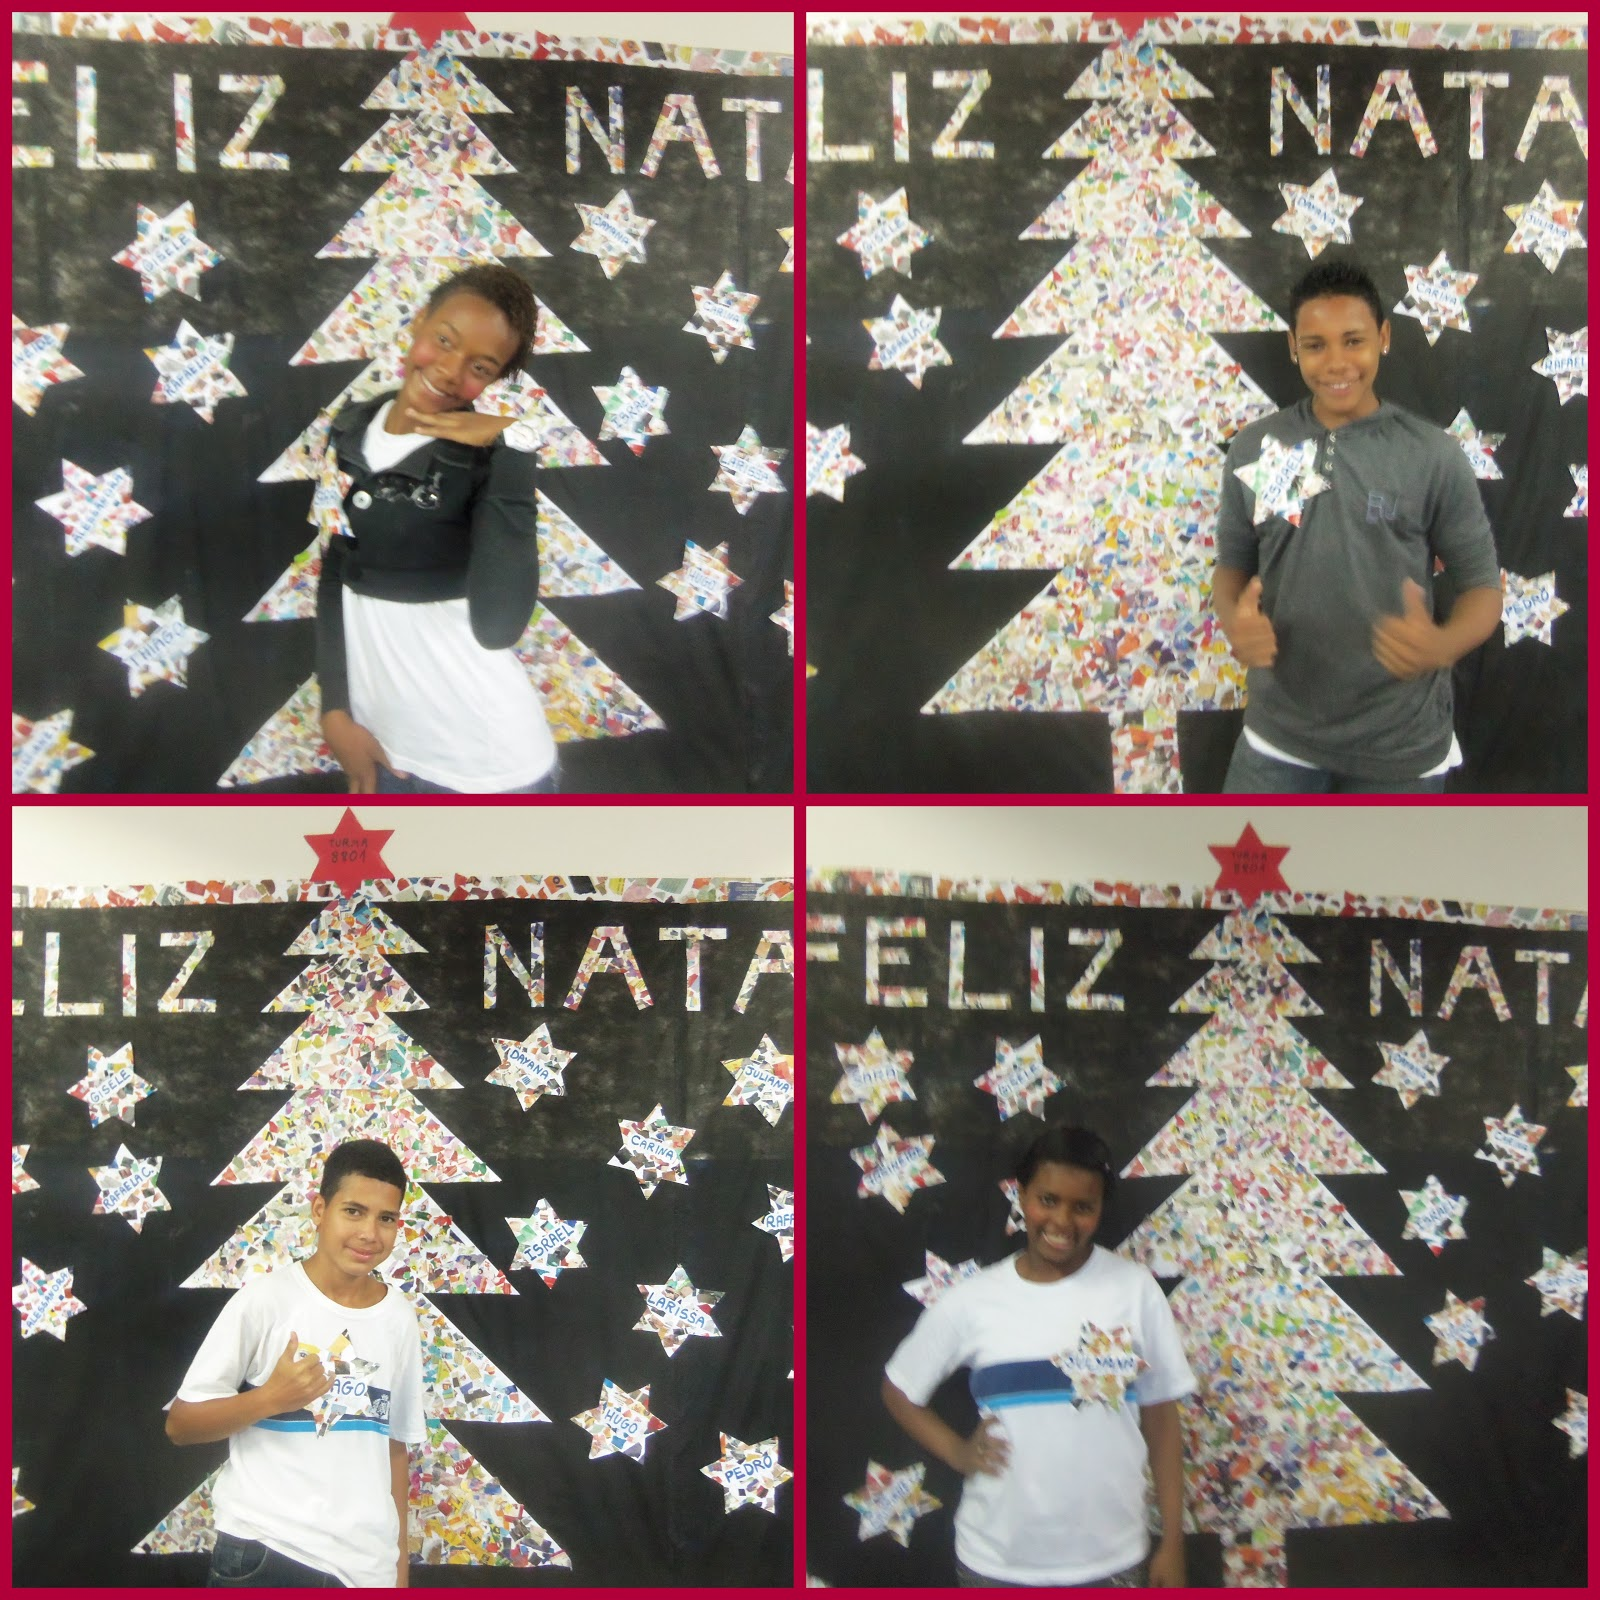 ESCOLA MUNICIPAL JOAQUIM RIBEIRO O Acelera Monta a Decoraç u00e3o de Natal -> Decoração De Natal Simples Escola